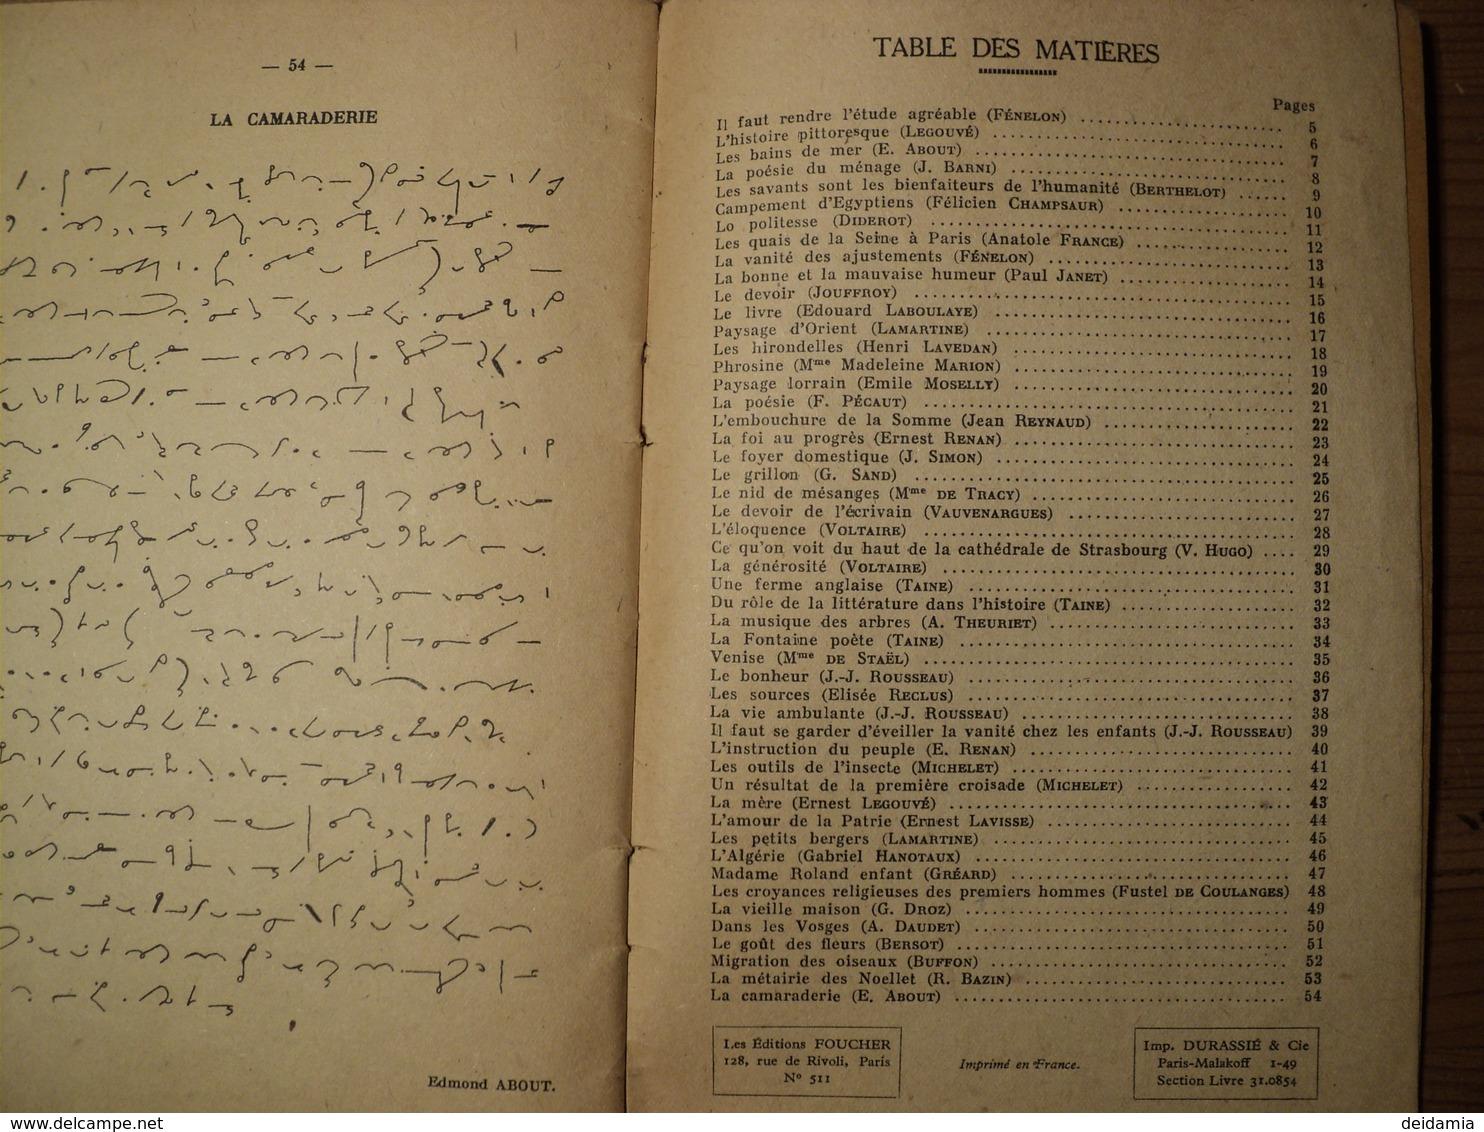 VIEUX LIVRET DE NOUVELLES LECTURES STENOGRAPHIQUES. 1949. LES LECTURES FOUCHER PAR JEAN BROUSSE. PREFACE DE ERNEST OLRI - Technical